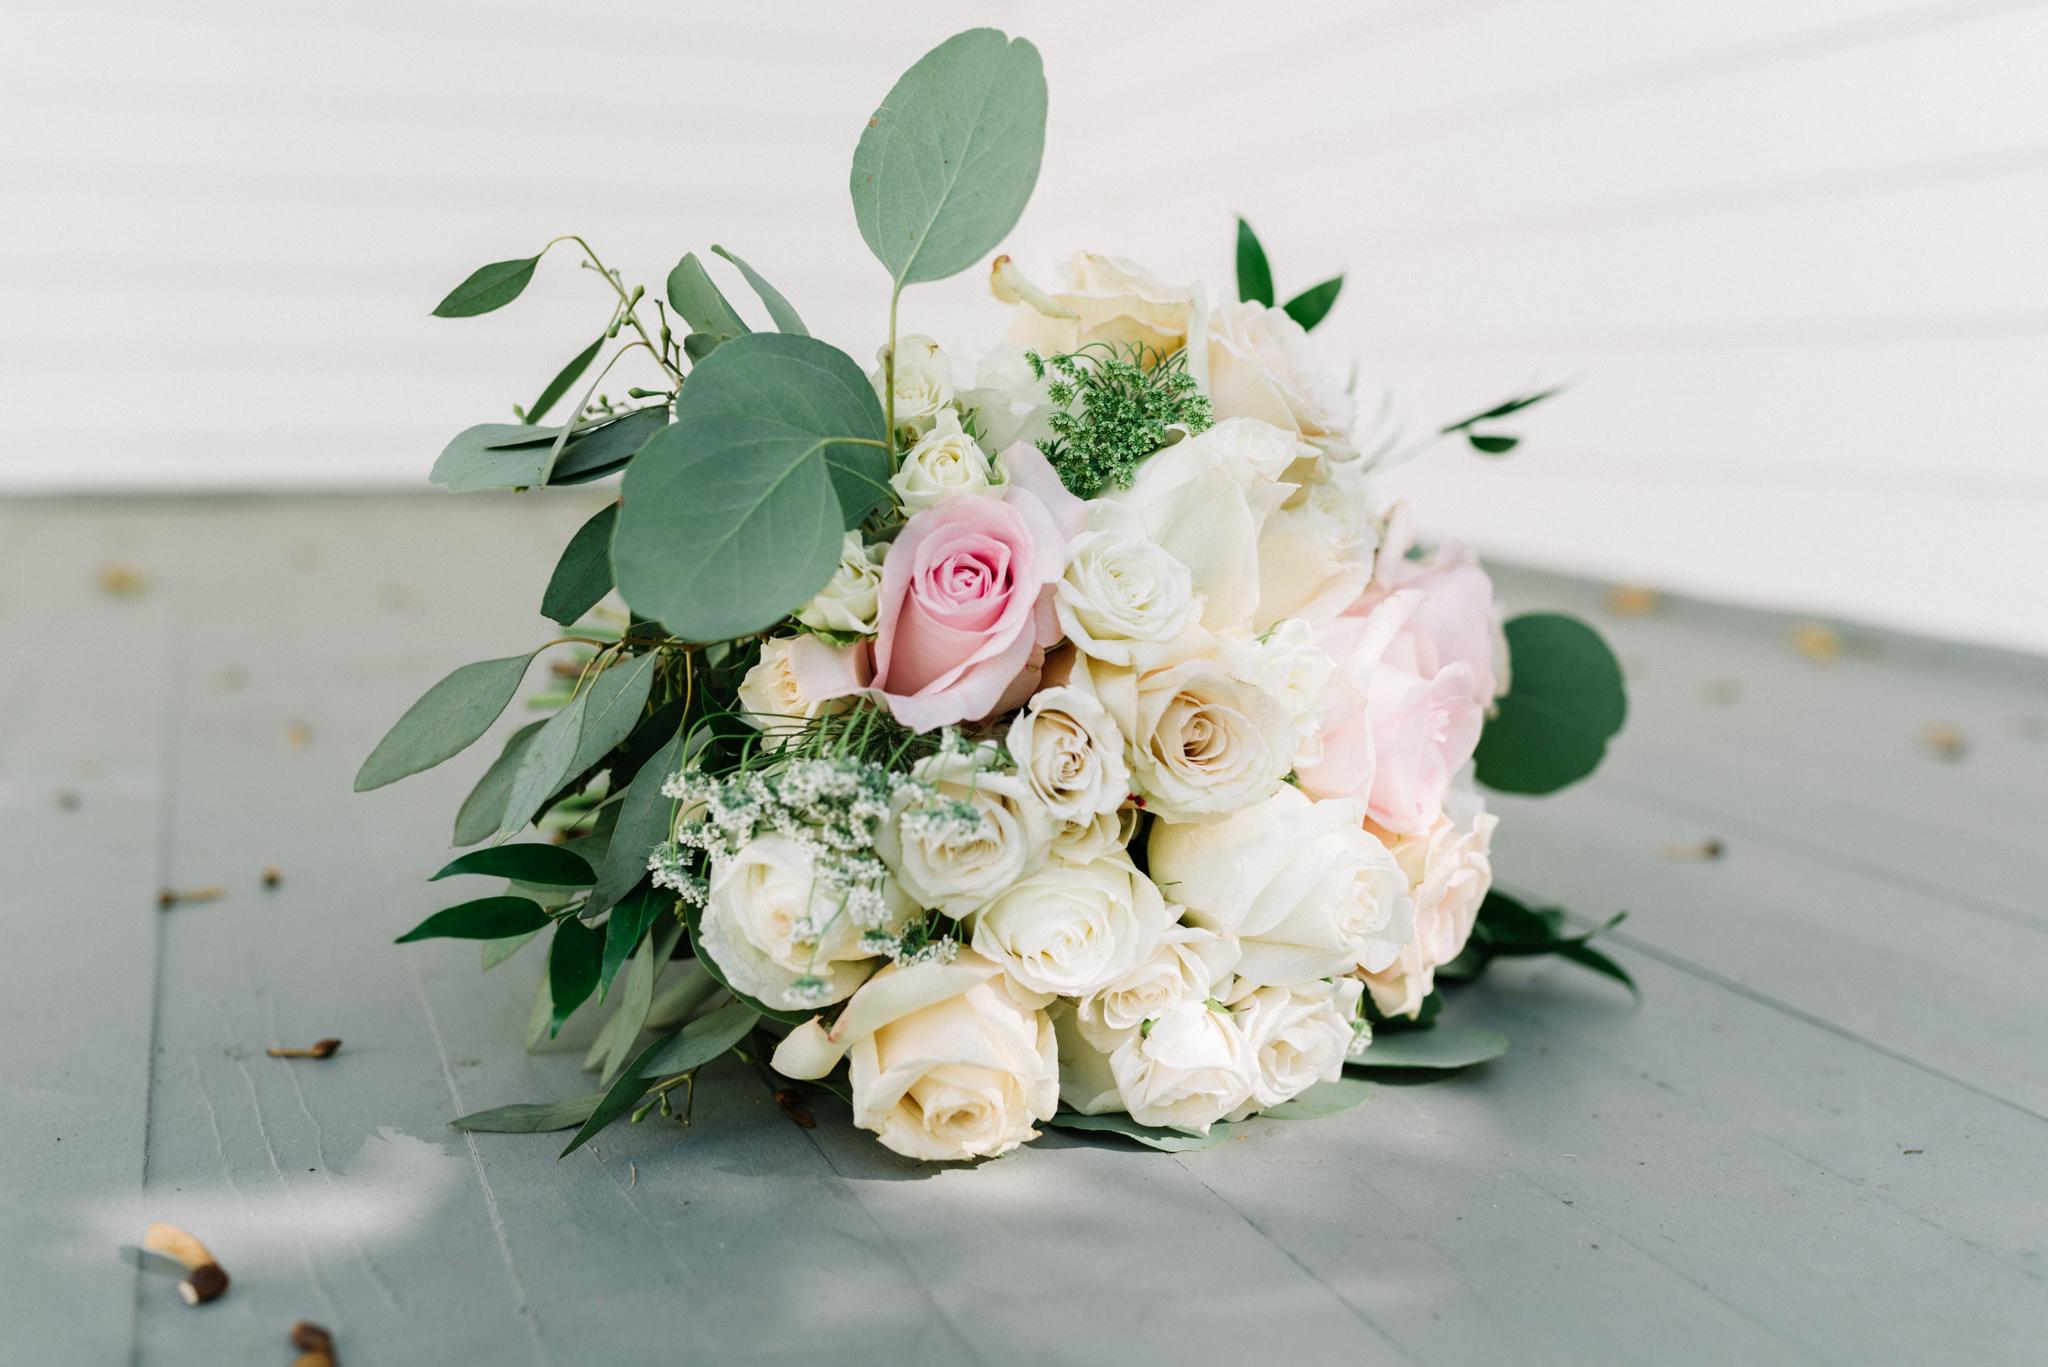 Floral & Design House Bouq